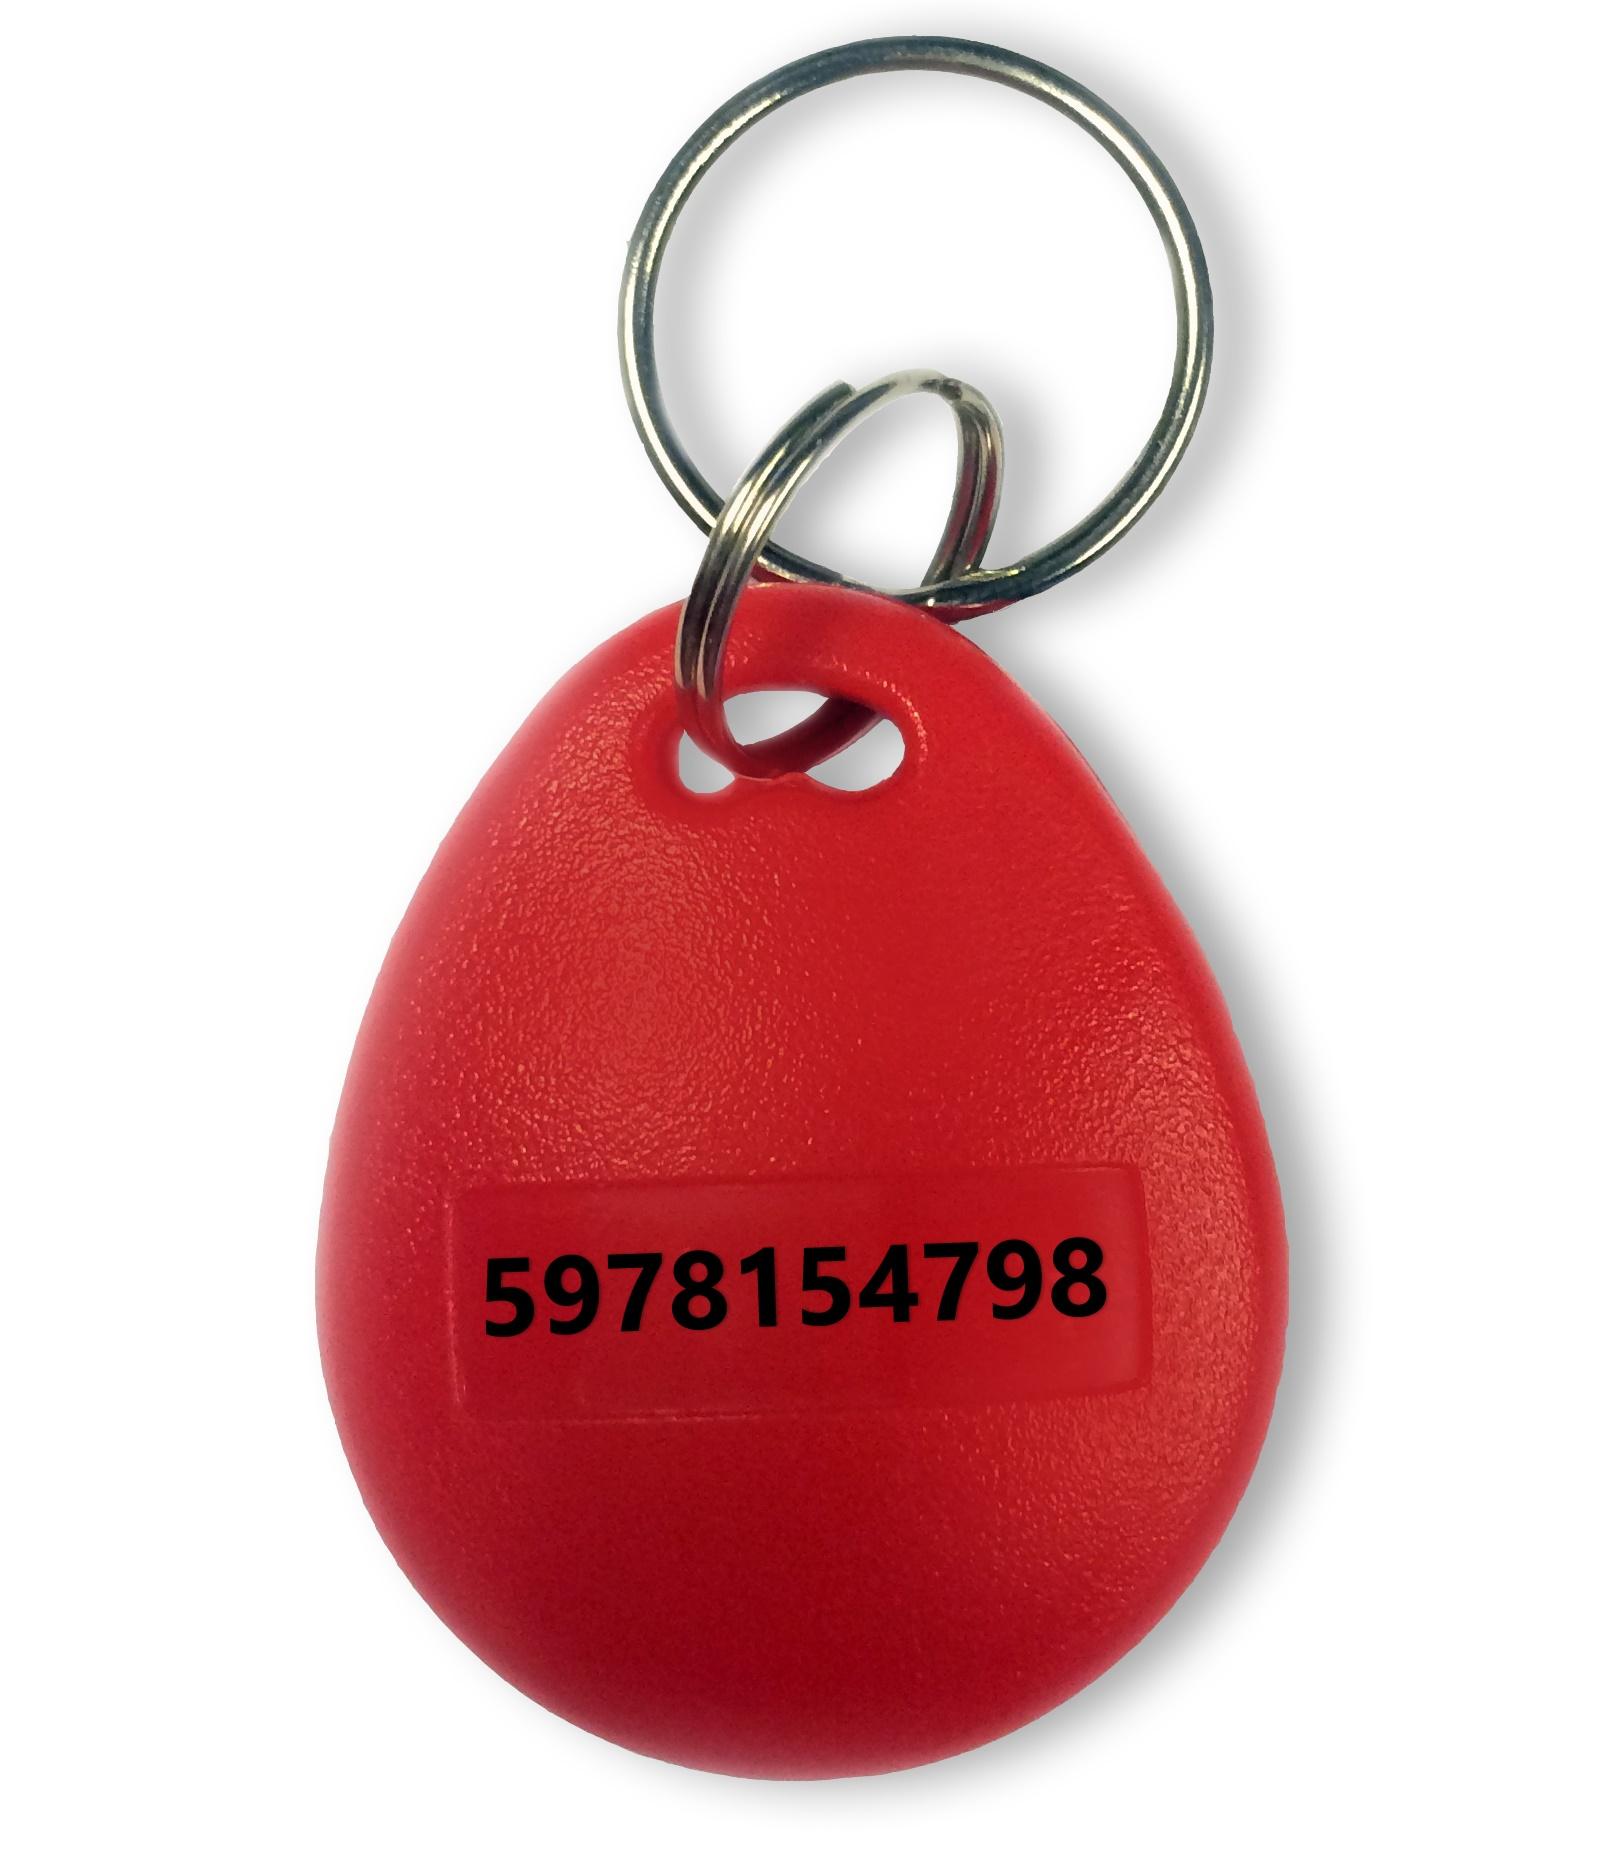 porte-clé-rfid-personnalisé-rouge-etui-protection